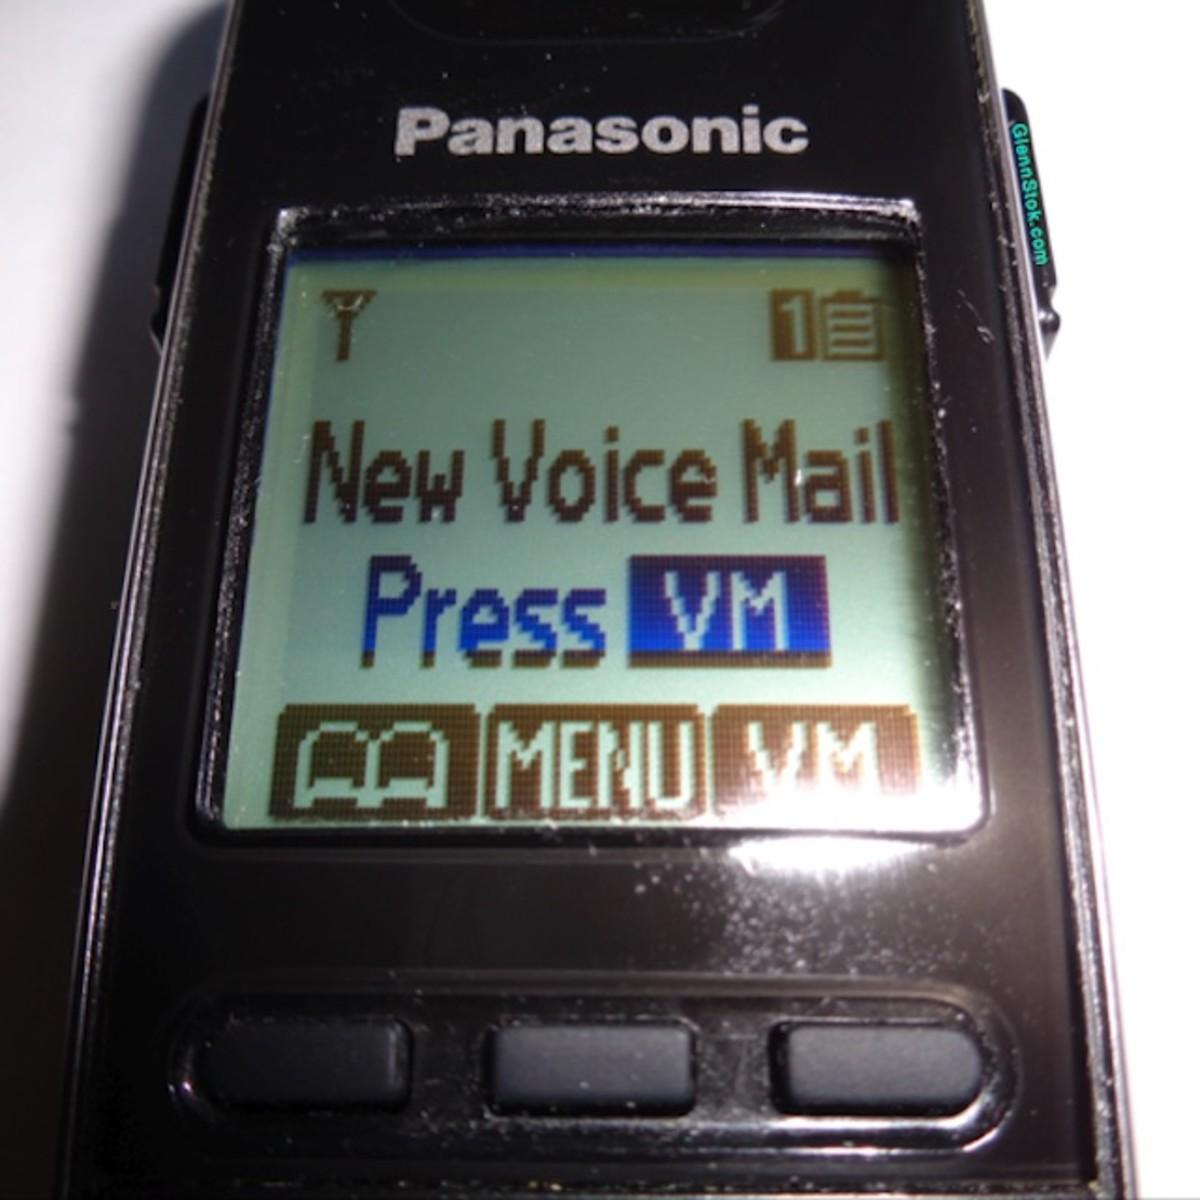 Voice Mail Notification on Panasonic handset.